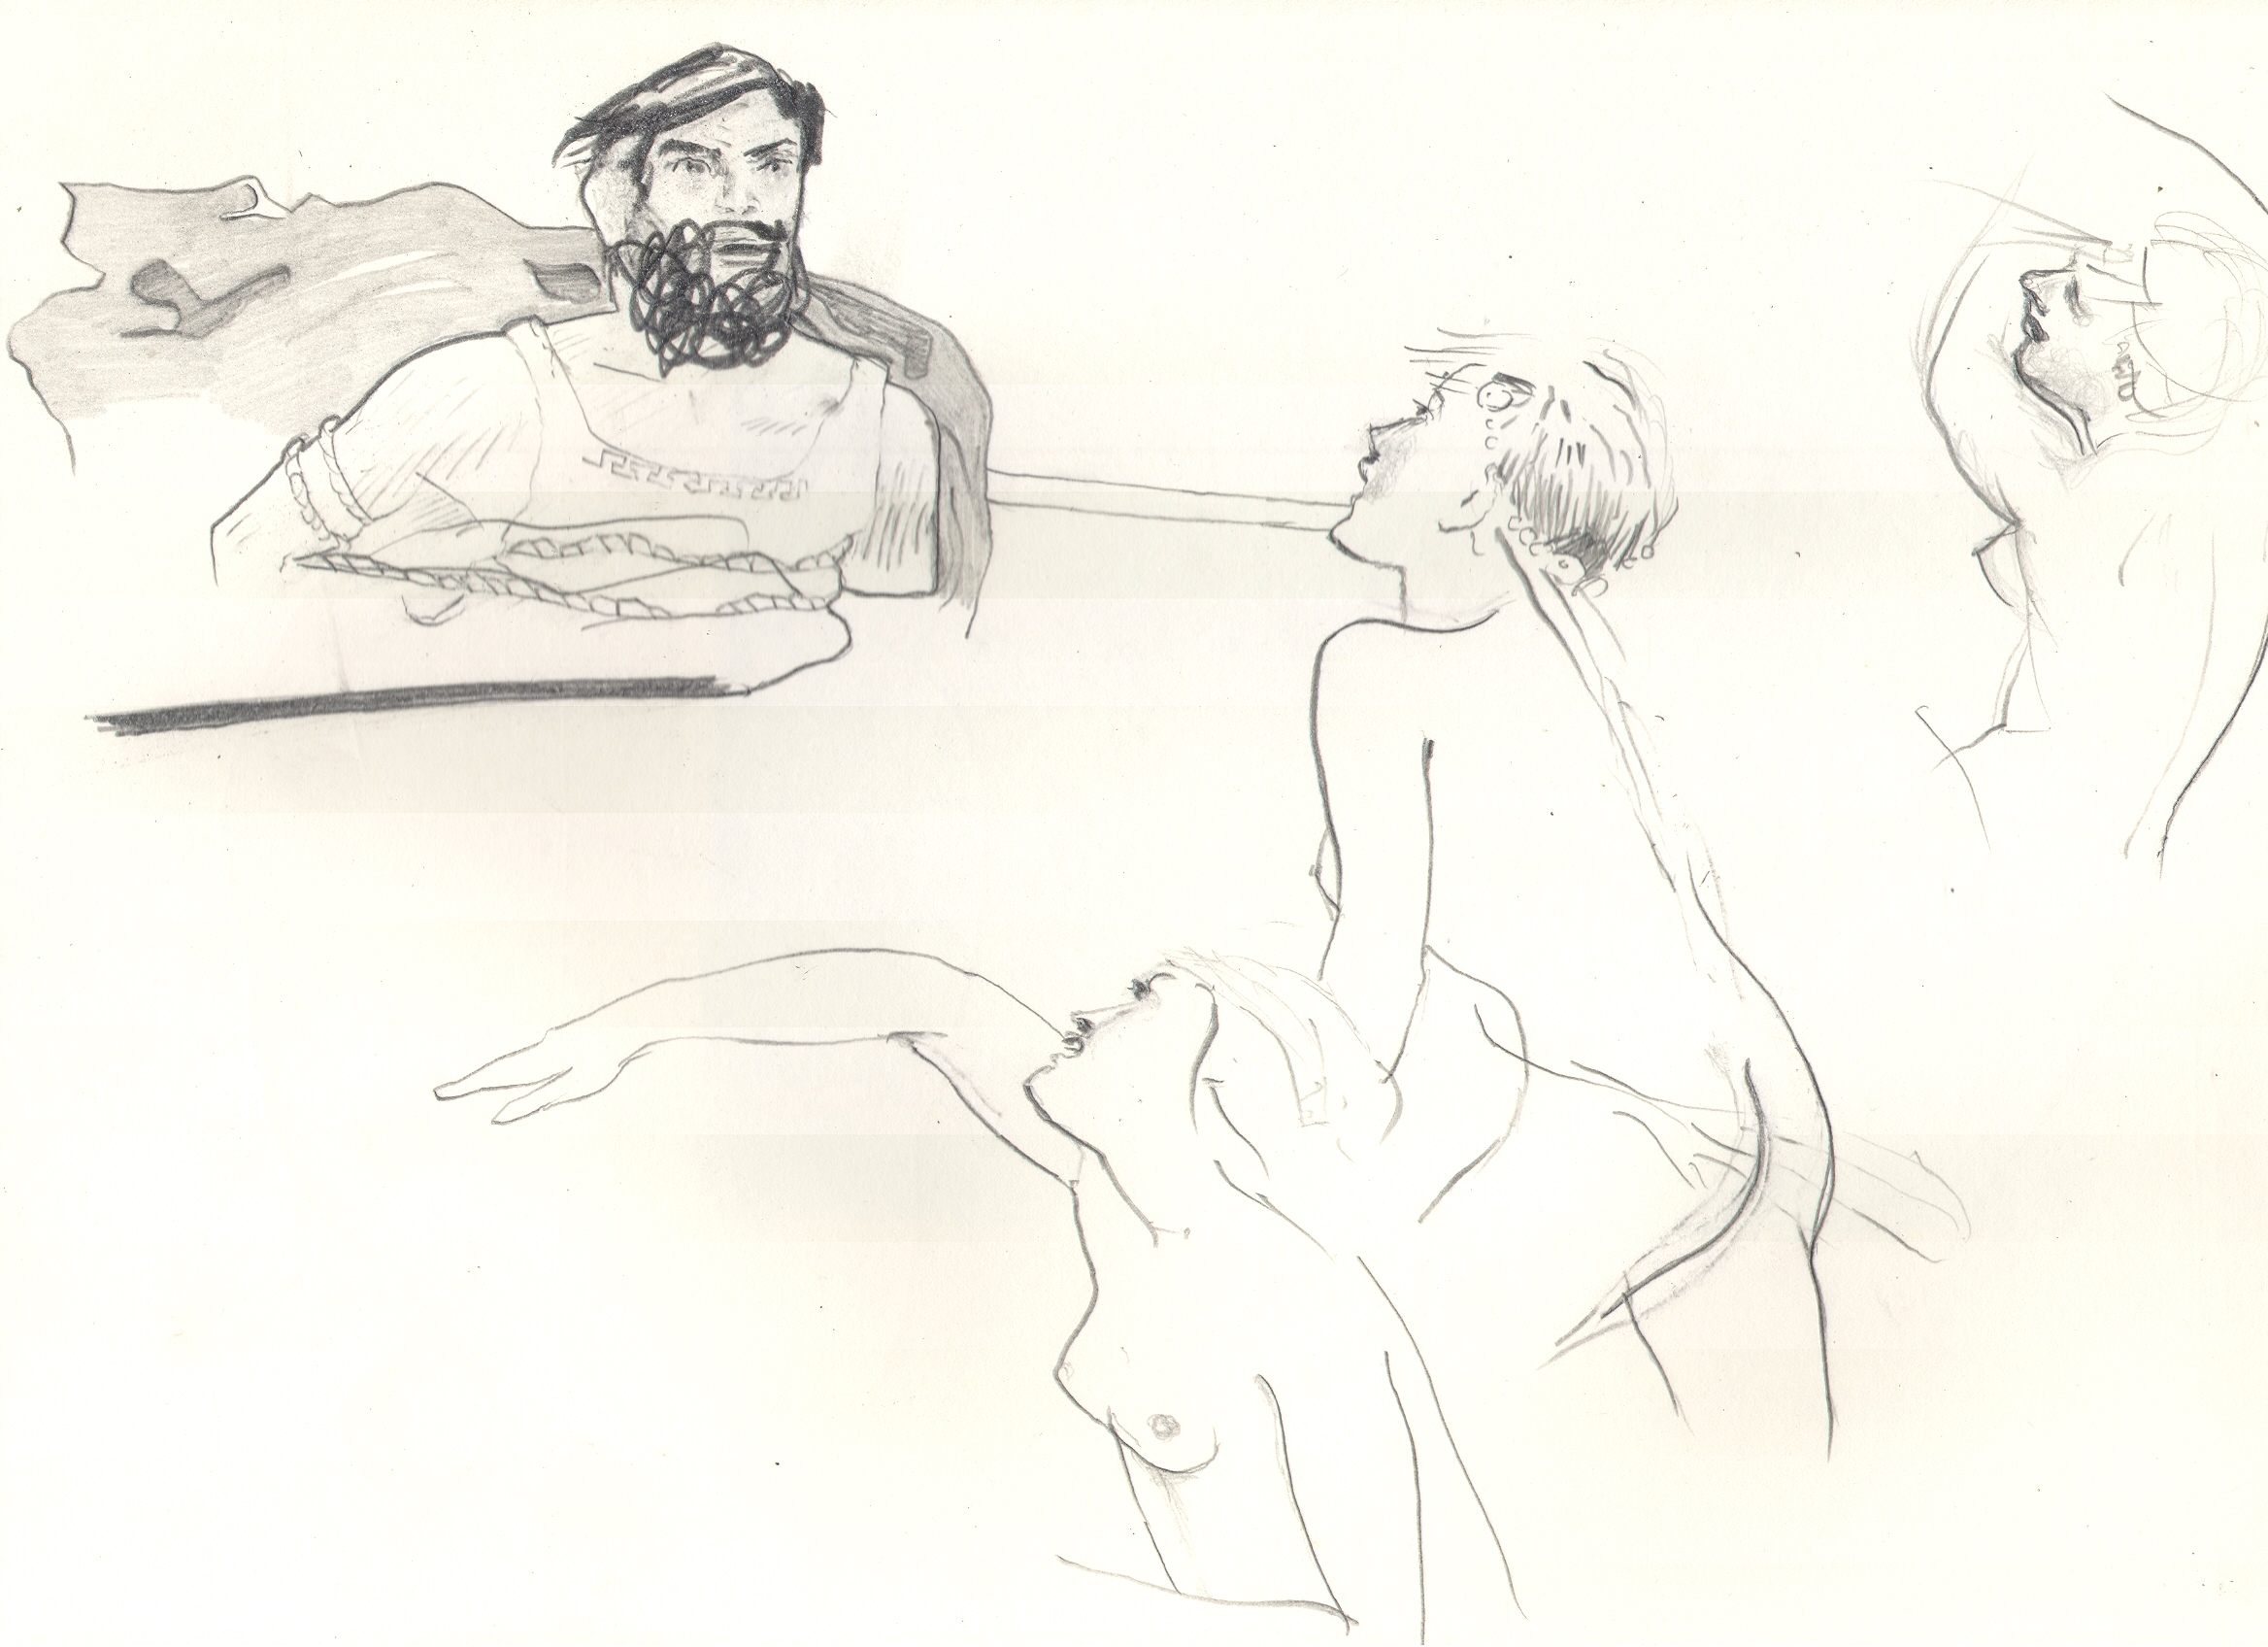 O.T. ( Serie Sirens ), 2018  Bleistift auf Papier, 26x35.5cm